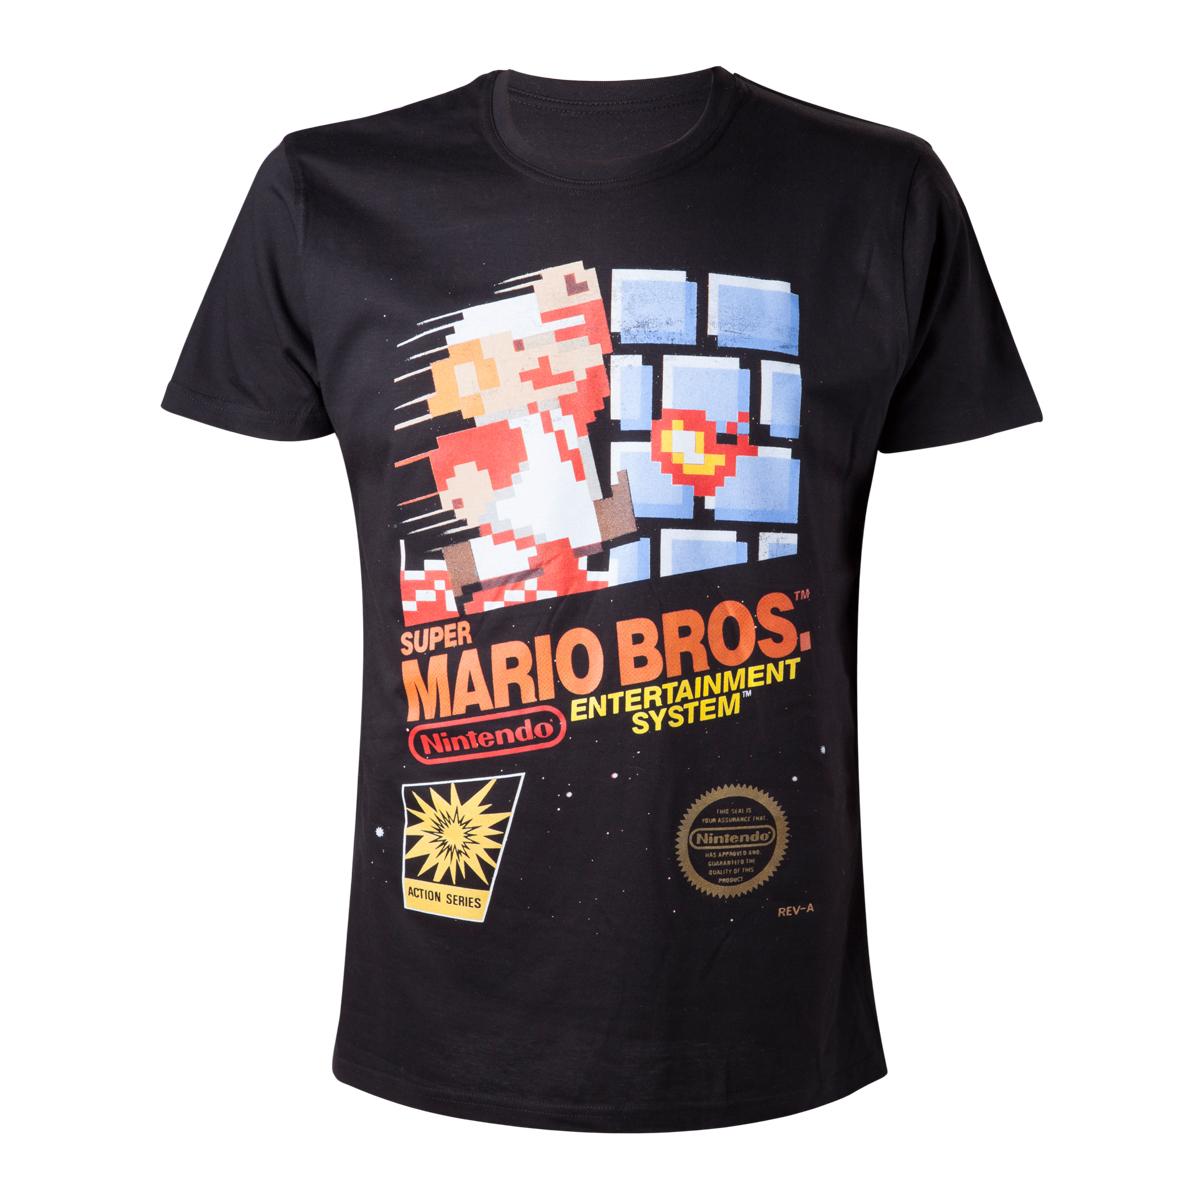 NINTENDO - Super Mario Bros T-Shirt - čierne pánske tričko d2149ac0830